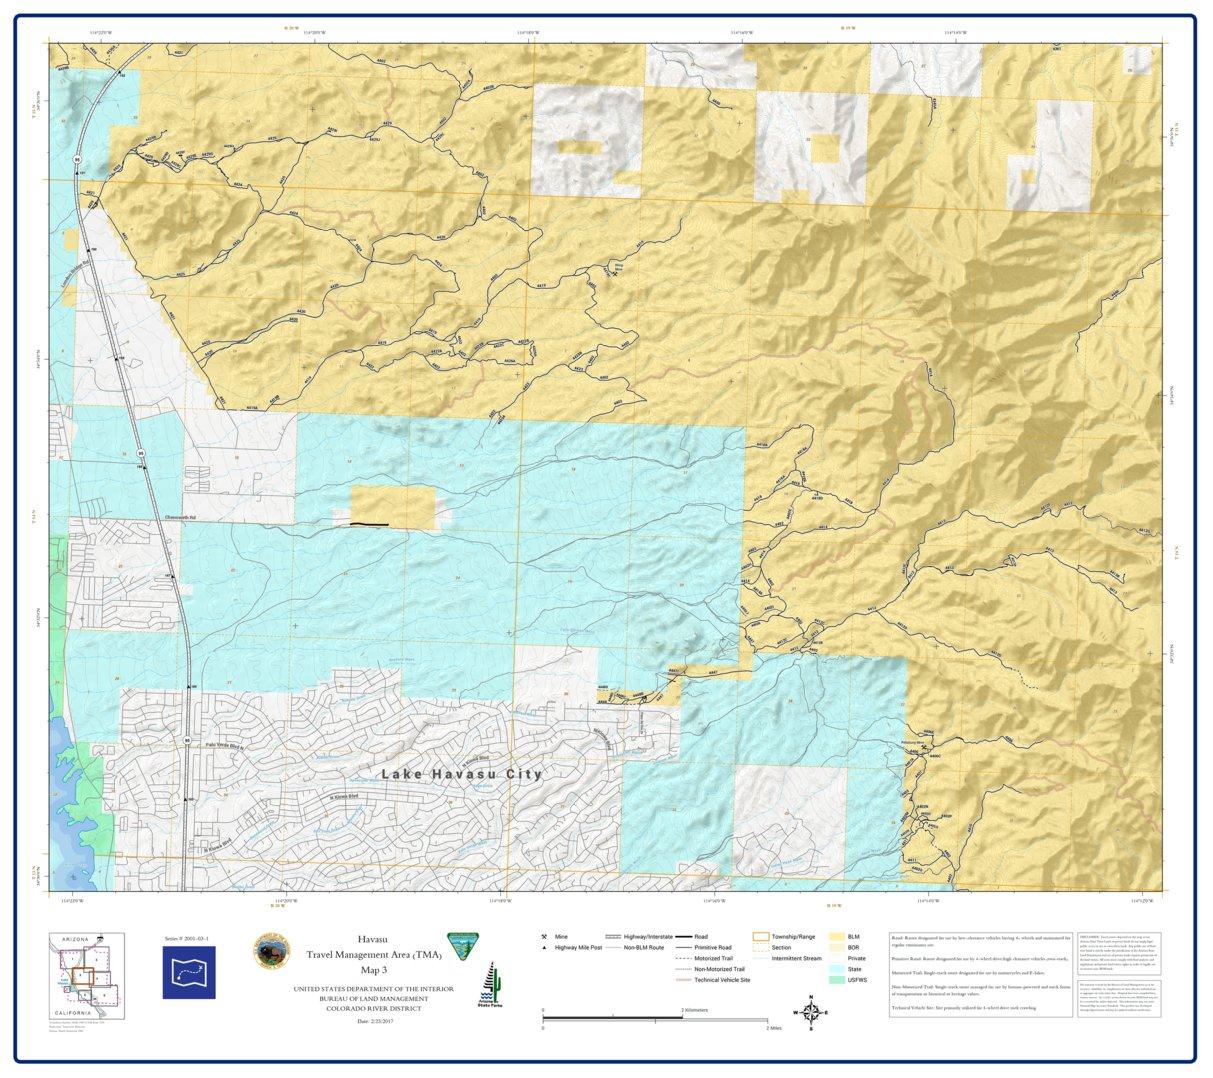 BLM Arizona Havasu Access Guide Map 3 of 7 (GPAZ_TRV2001_03_1_Havasu ...